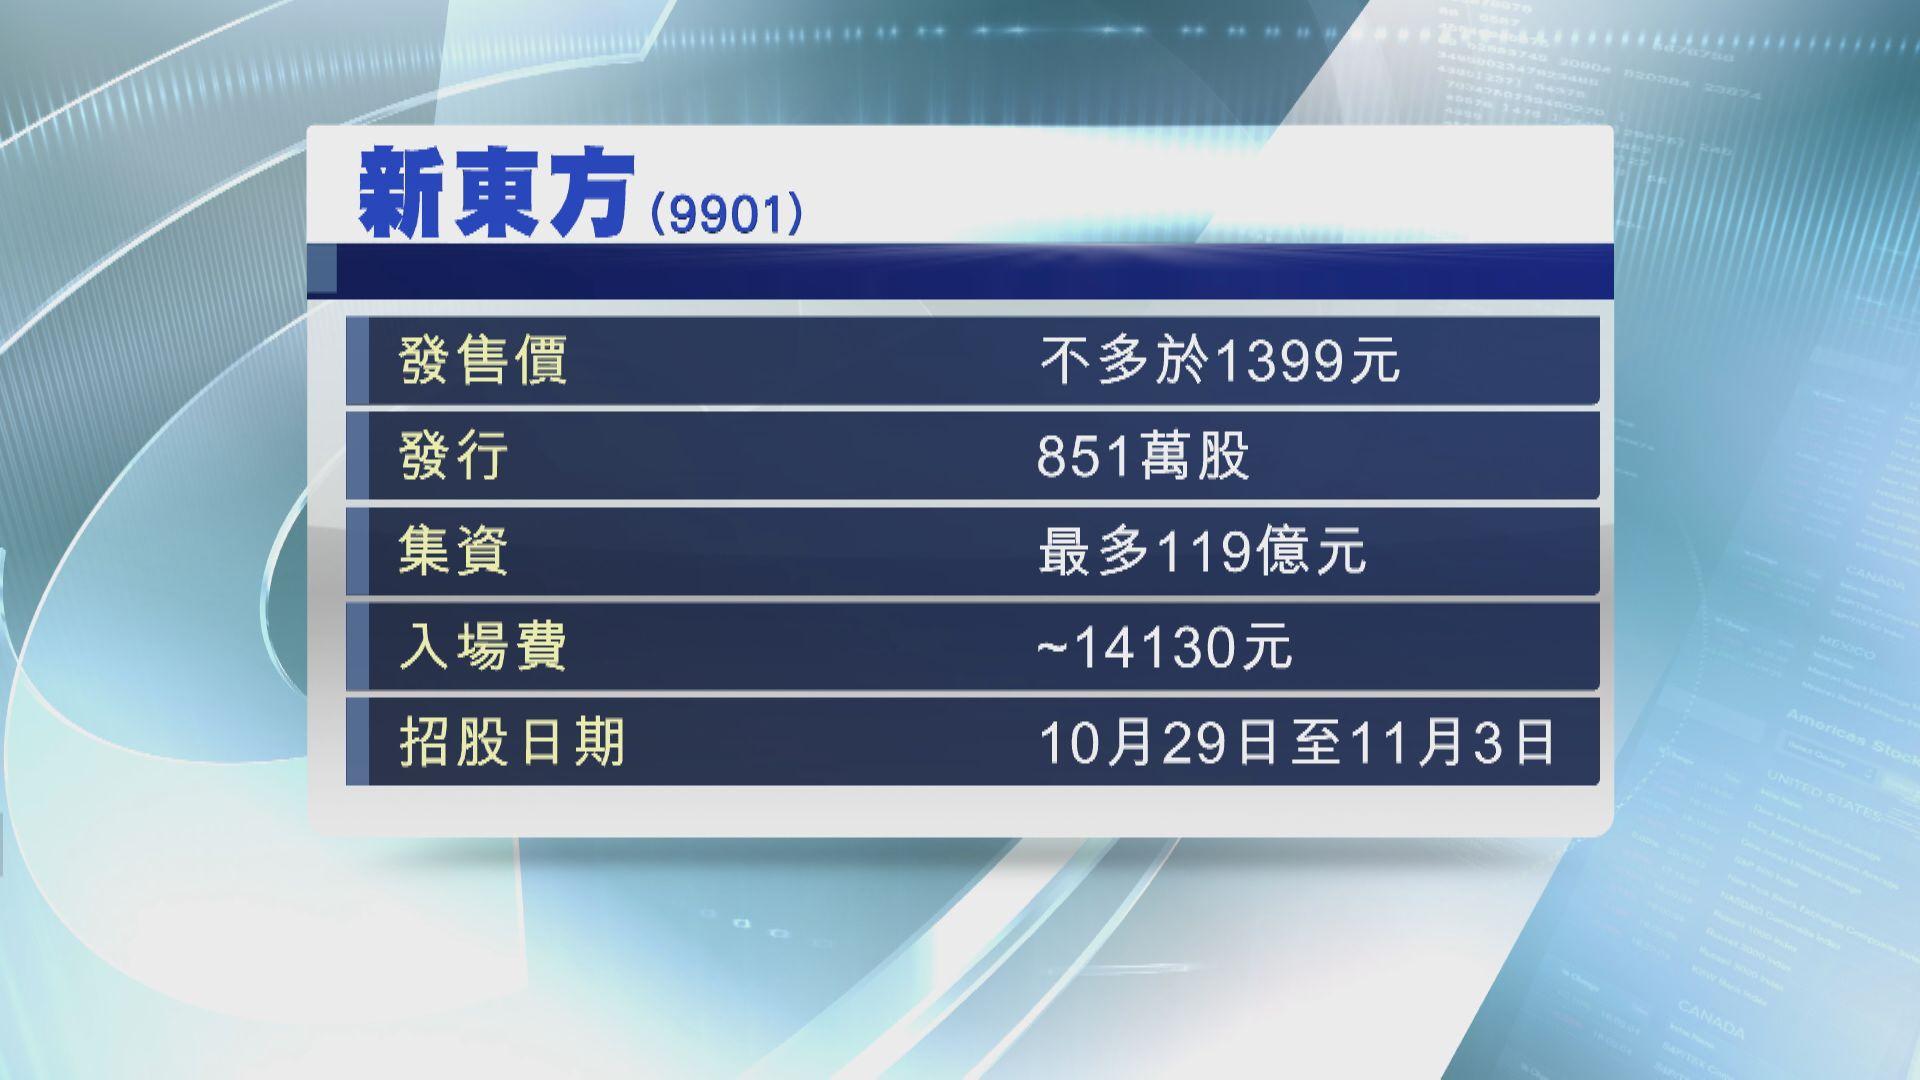 新東方周四起招股 入場費約14130元